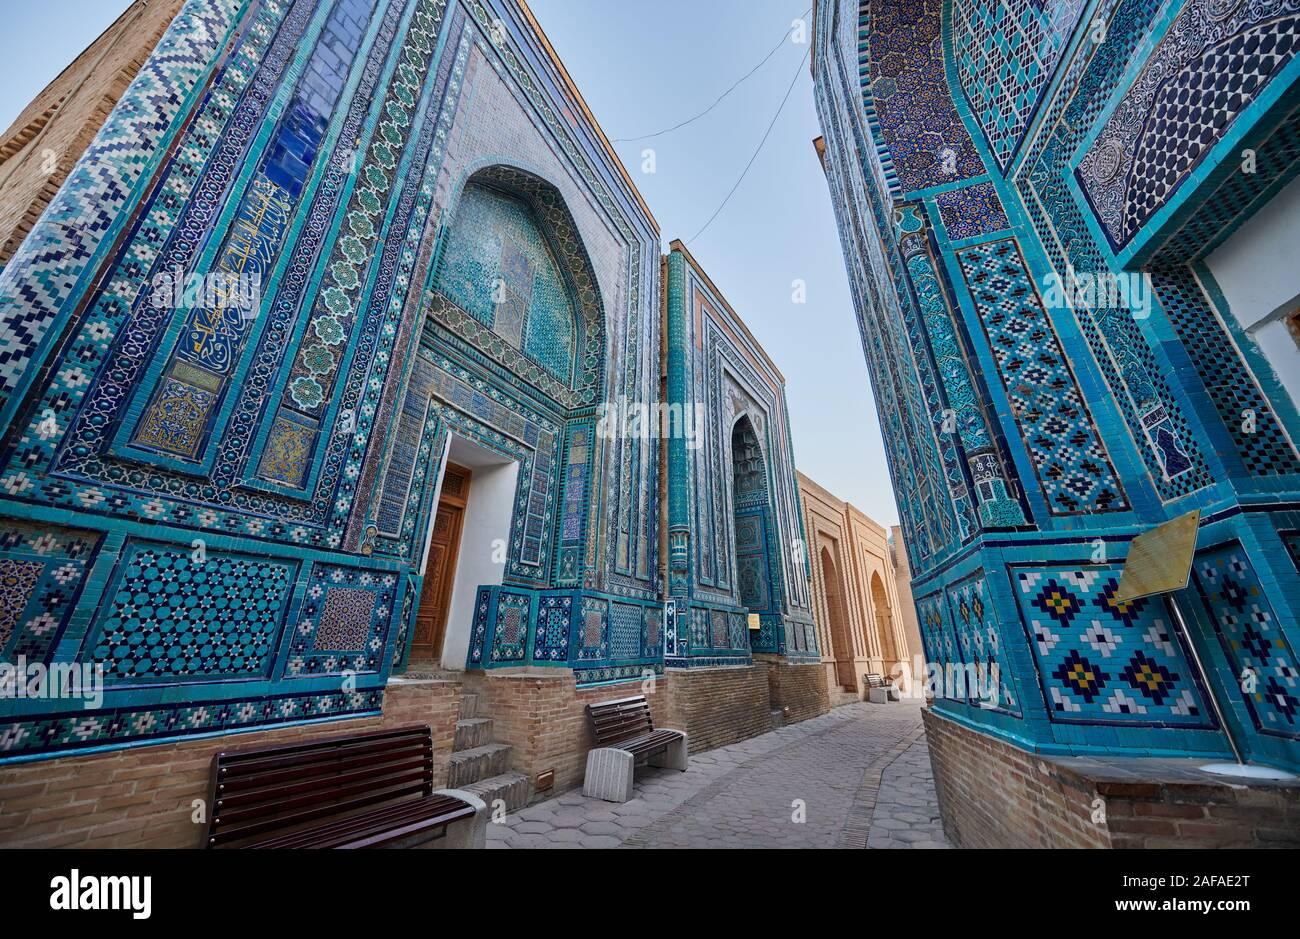 Estrecho camino a través de las fachadas profusamente decorados con azulejos azules en necrópolis Shah-i-Zinda, Samarqand, Uzbekistán, en Asia Central Foto de stock